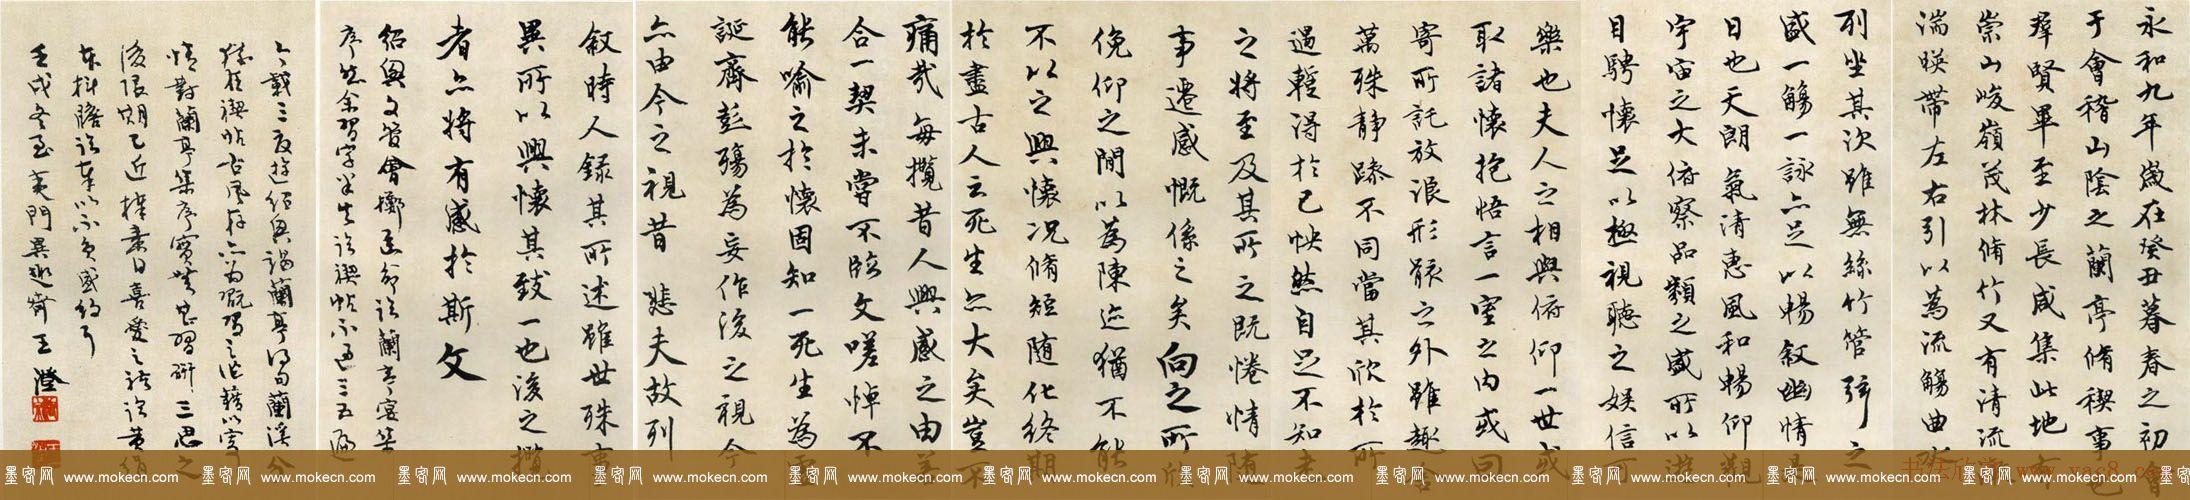 河南王澄书法作品临《兰亭序》